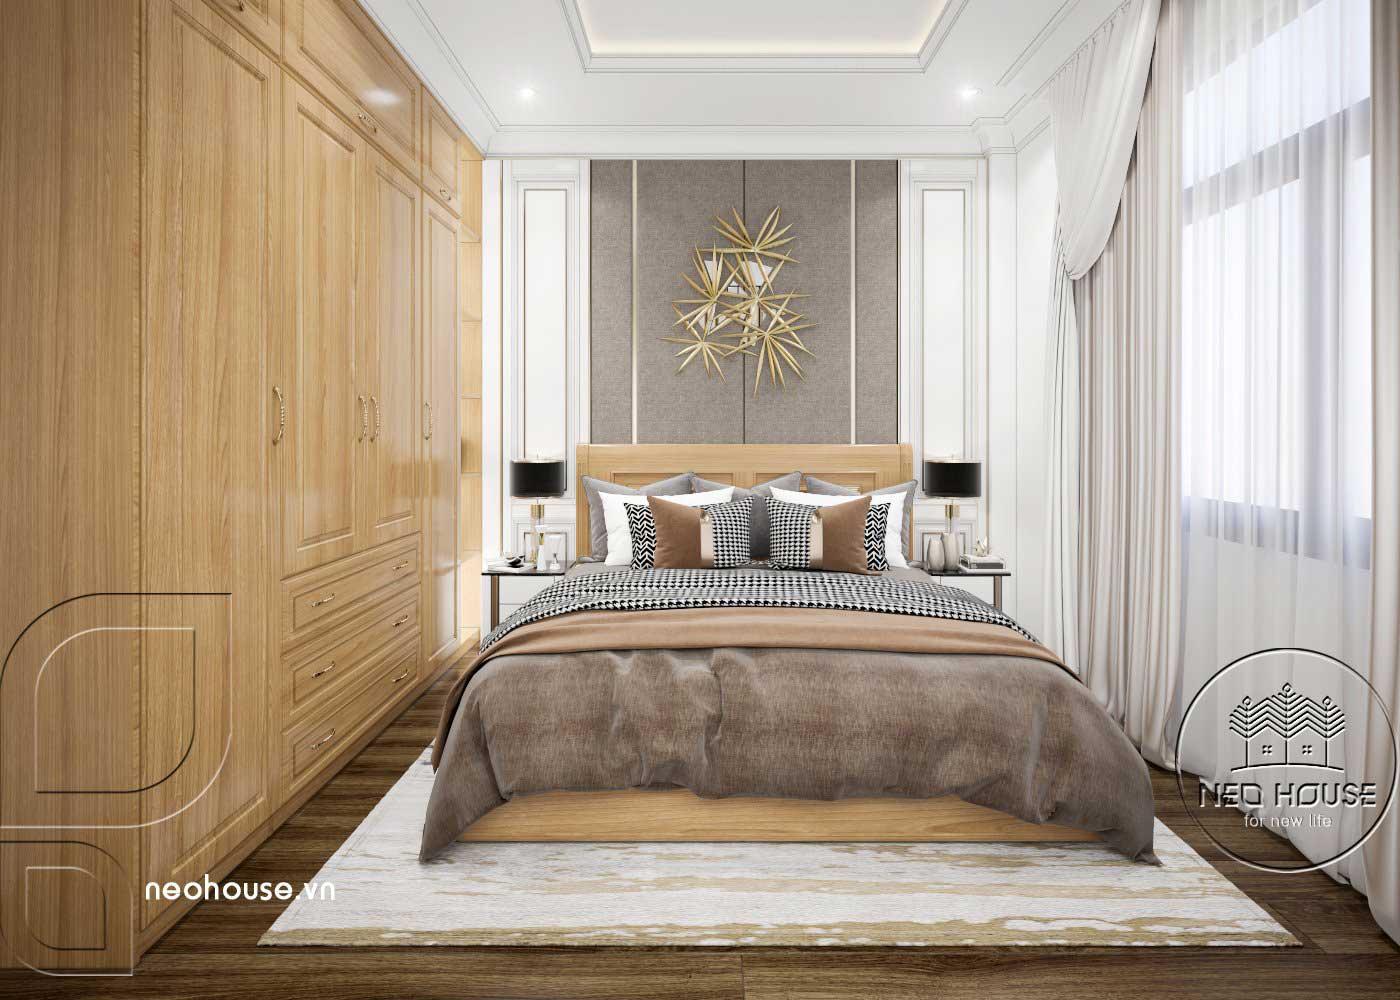 Thiết kế thi công cải tạo nhà phố 3 tầng với không gian nội thất phòng ngủ Master 01. Ảnh 1